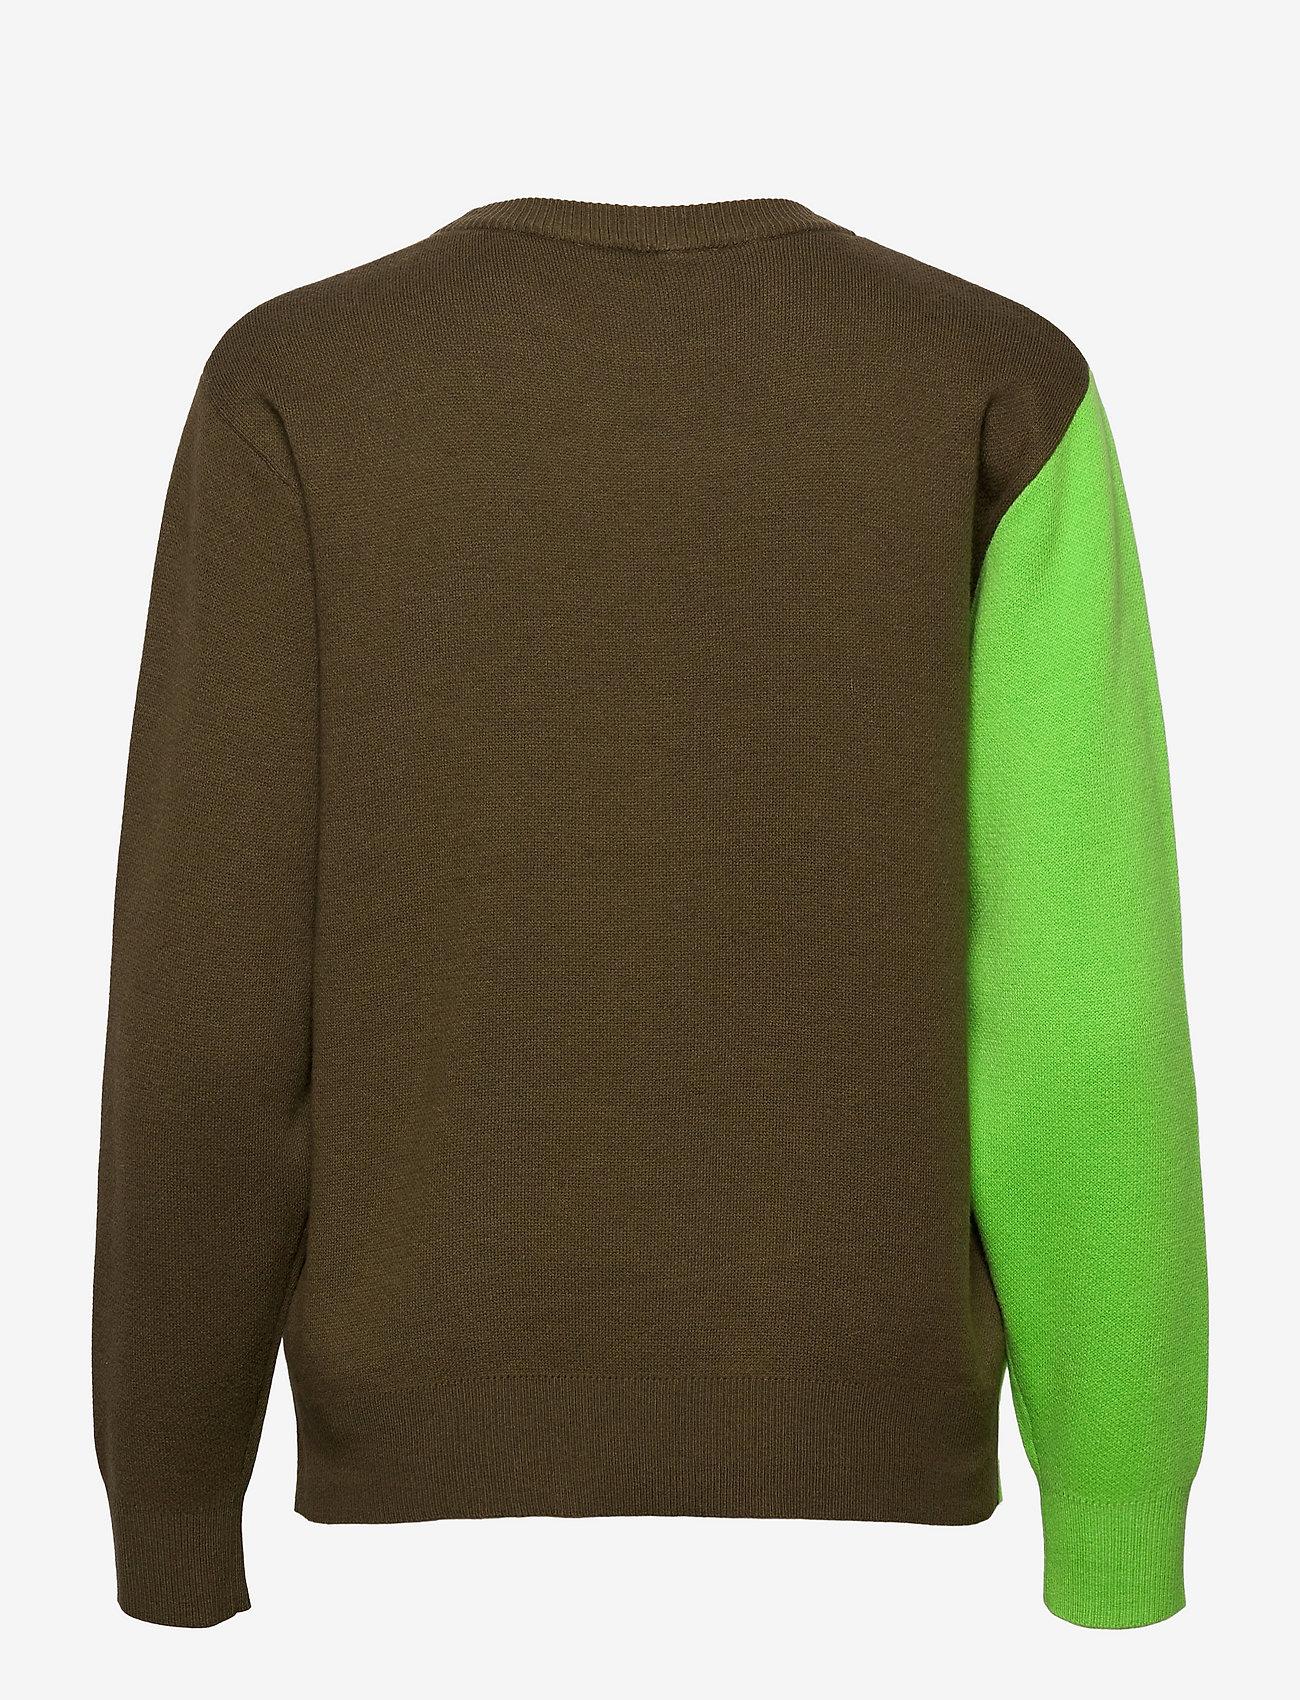 Marimekko - SINIRINTA PULLOVER - trøjer - bright green, dark olive - 1